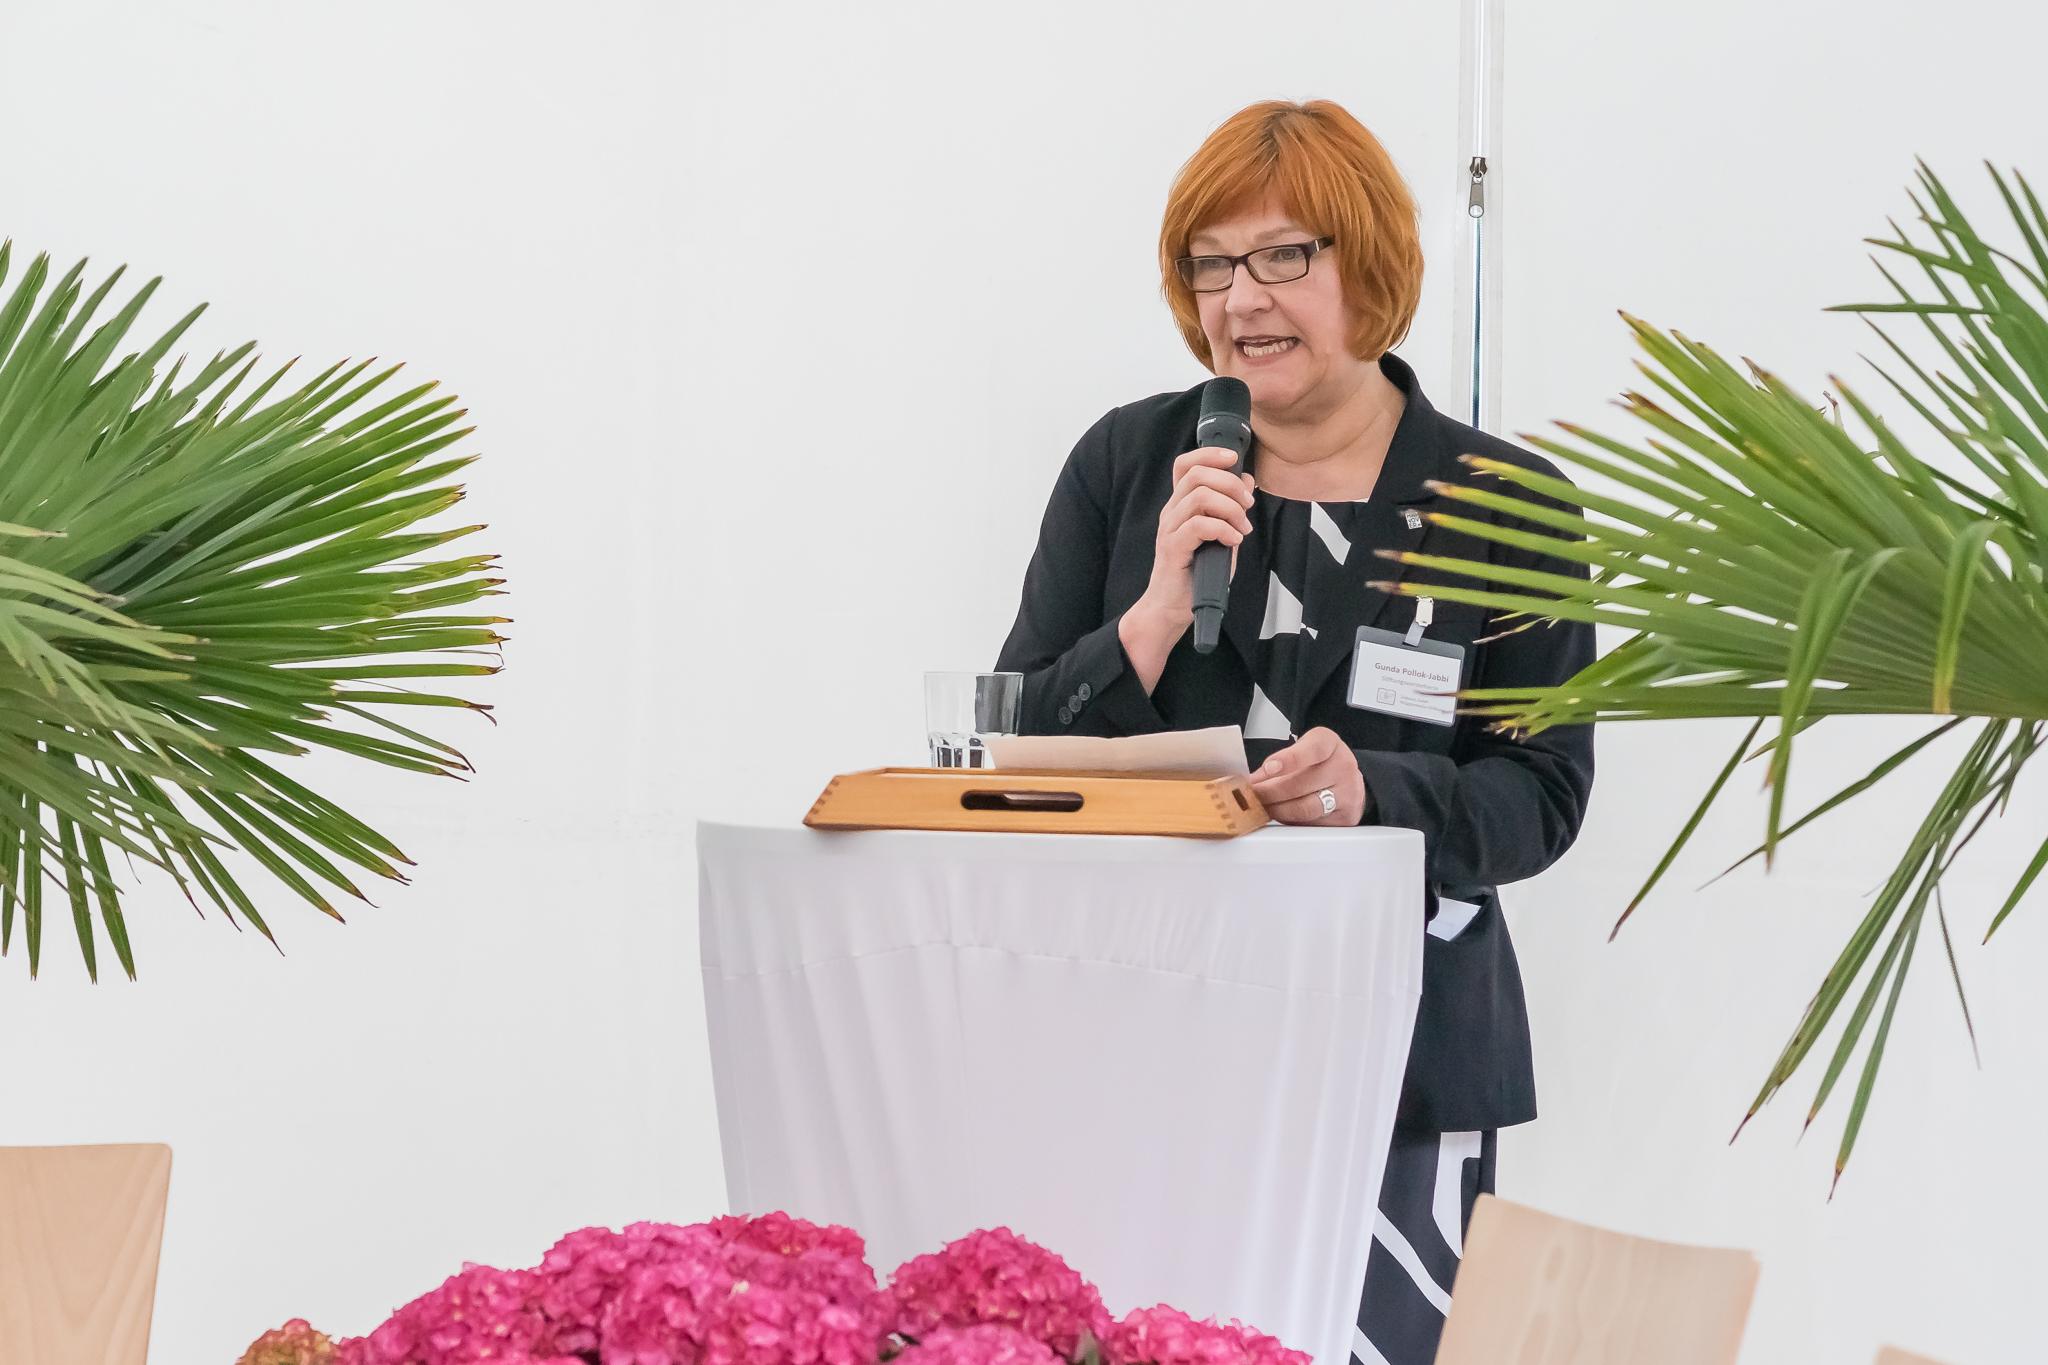 Gunda Pollok-Jabbi verrät, wie es mit der Stiftung weitergeht. Reiche Vergangenheit, inhaltsreiche Zukunft